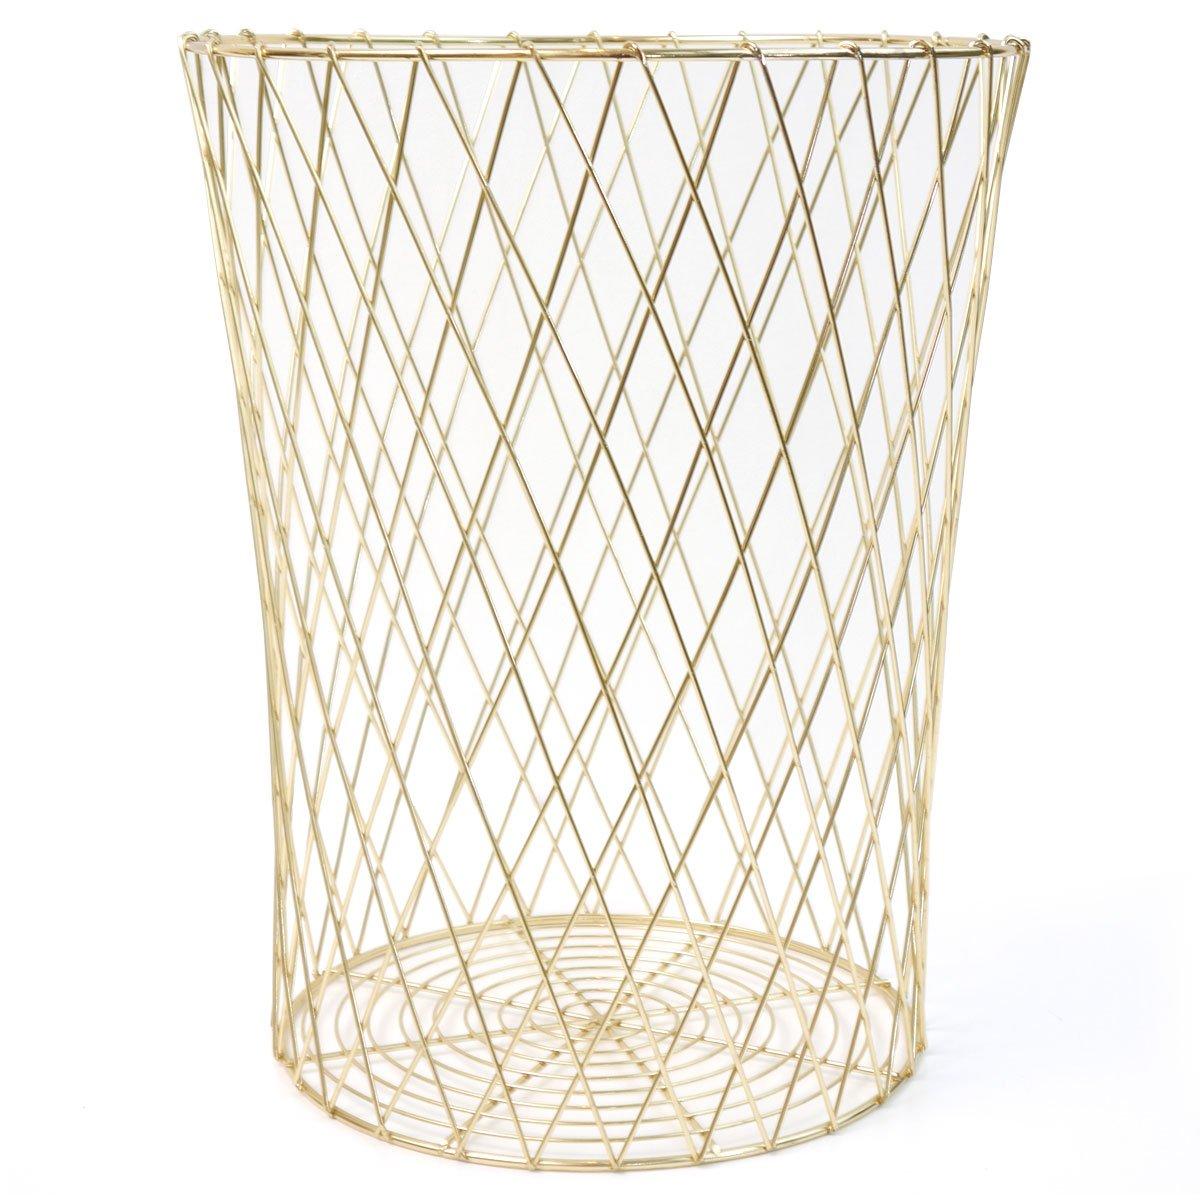 Papierkorb Korb Metall gold HÜBSCH Design modern: Amazon.de: Küche ...